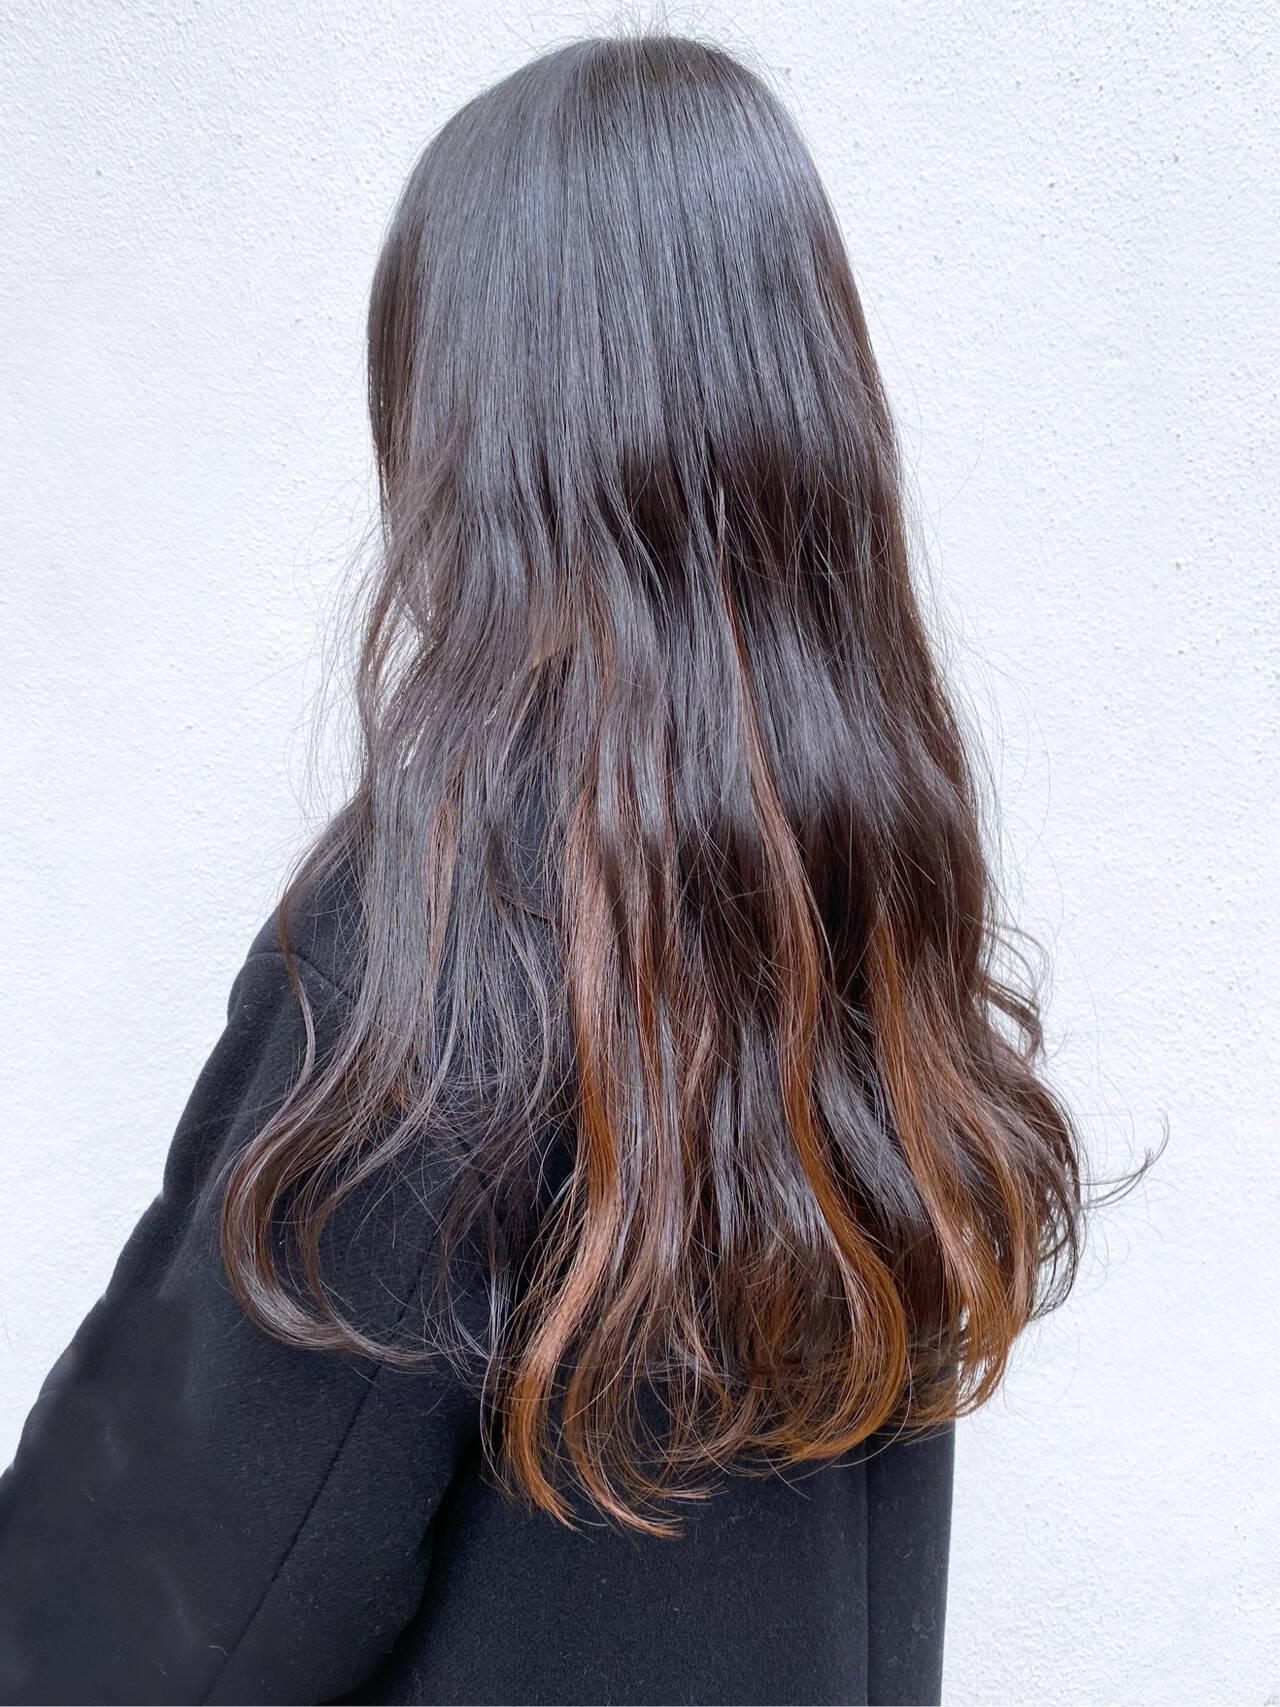 グラデーションカラー インナーカラー ミルクティーベージュ ミルクティーグレージュヘアスタイルや髪型の写真・画像